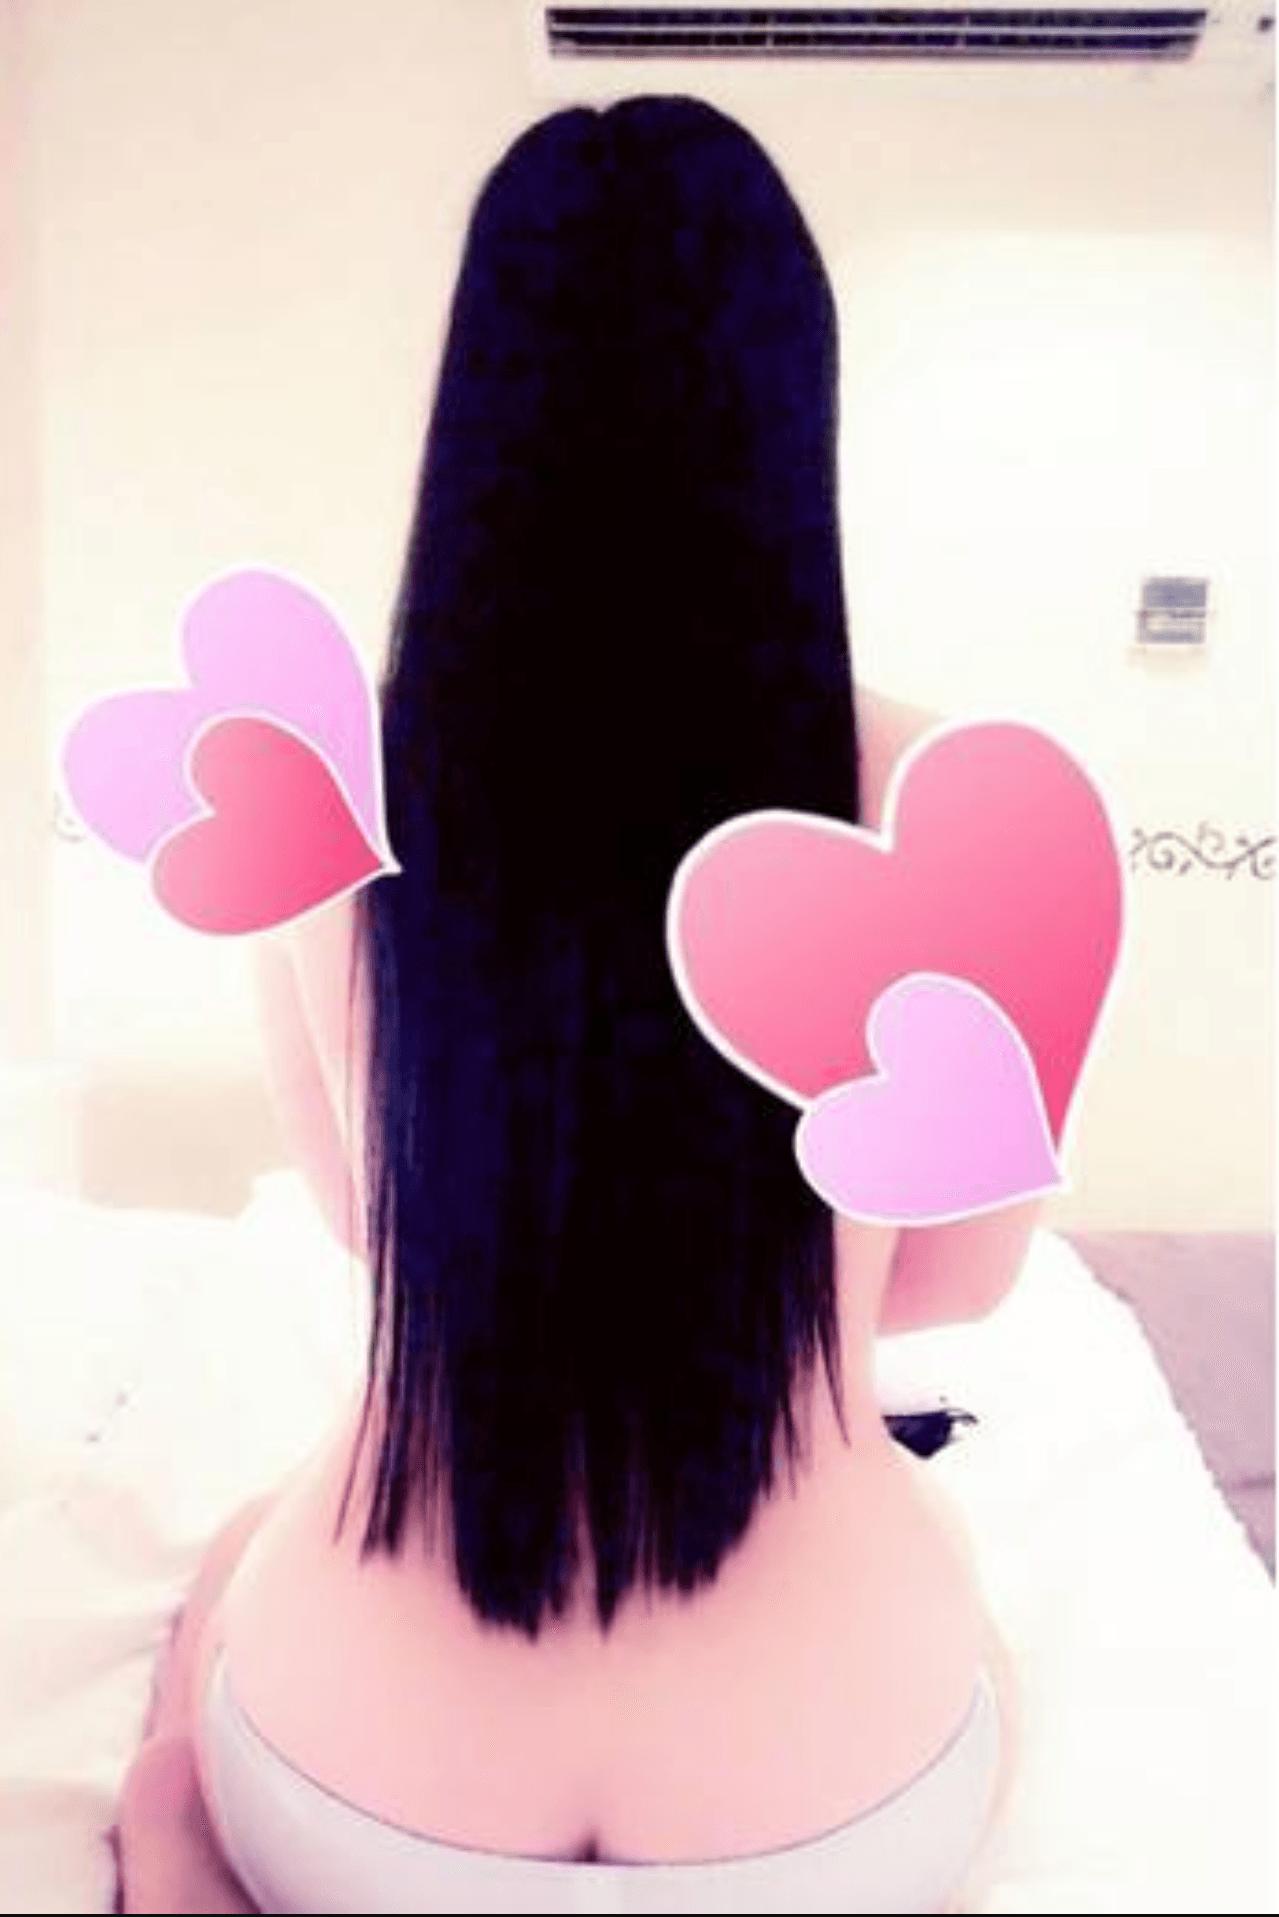 「*〜ありがとうございました〜*」10/20(日) 05:12   新人★藤咲 魅惑の黒髪ドS痴女の写メ・風俗動画